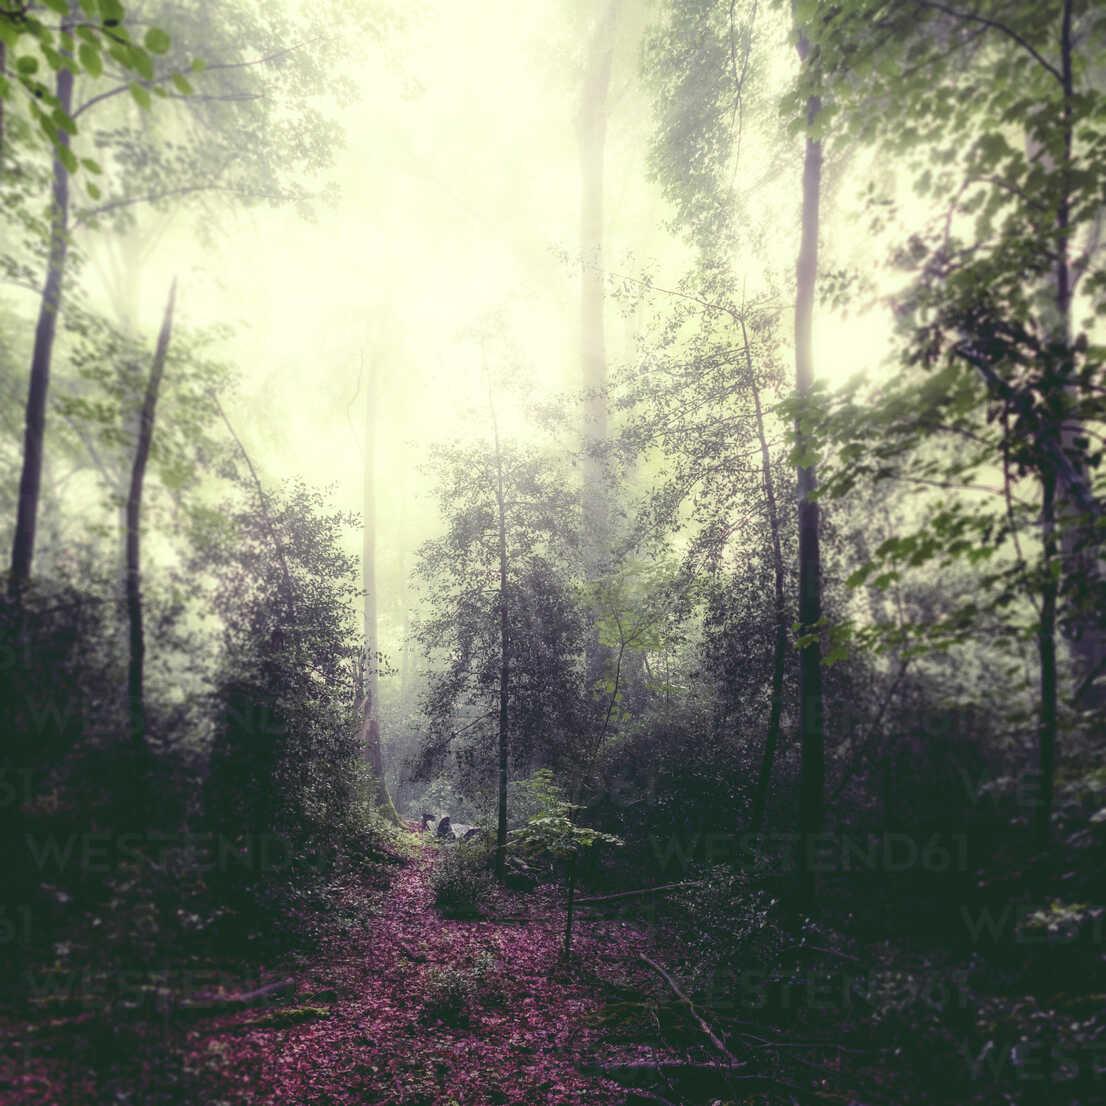 Germany, Wuppertal, forest glade in backlight - DWIF00843 - Dirk Wüstenhagen/Westend61